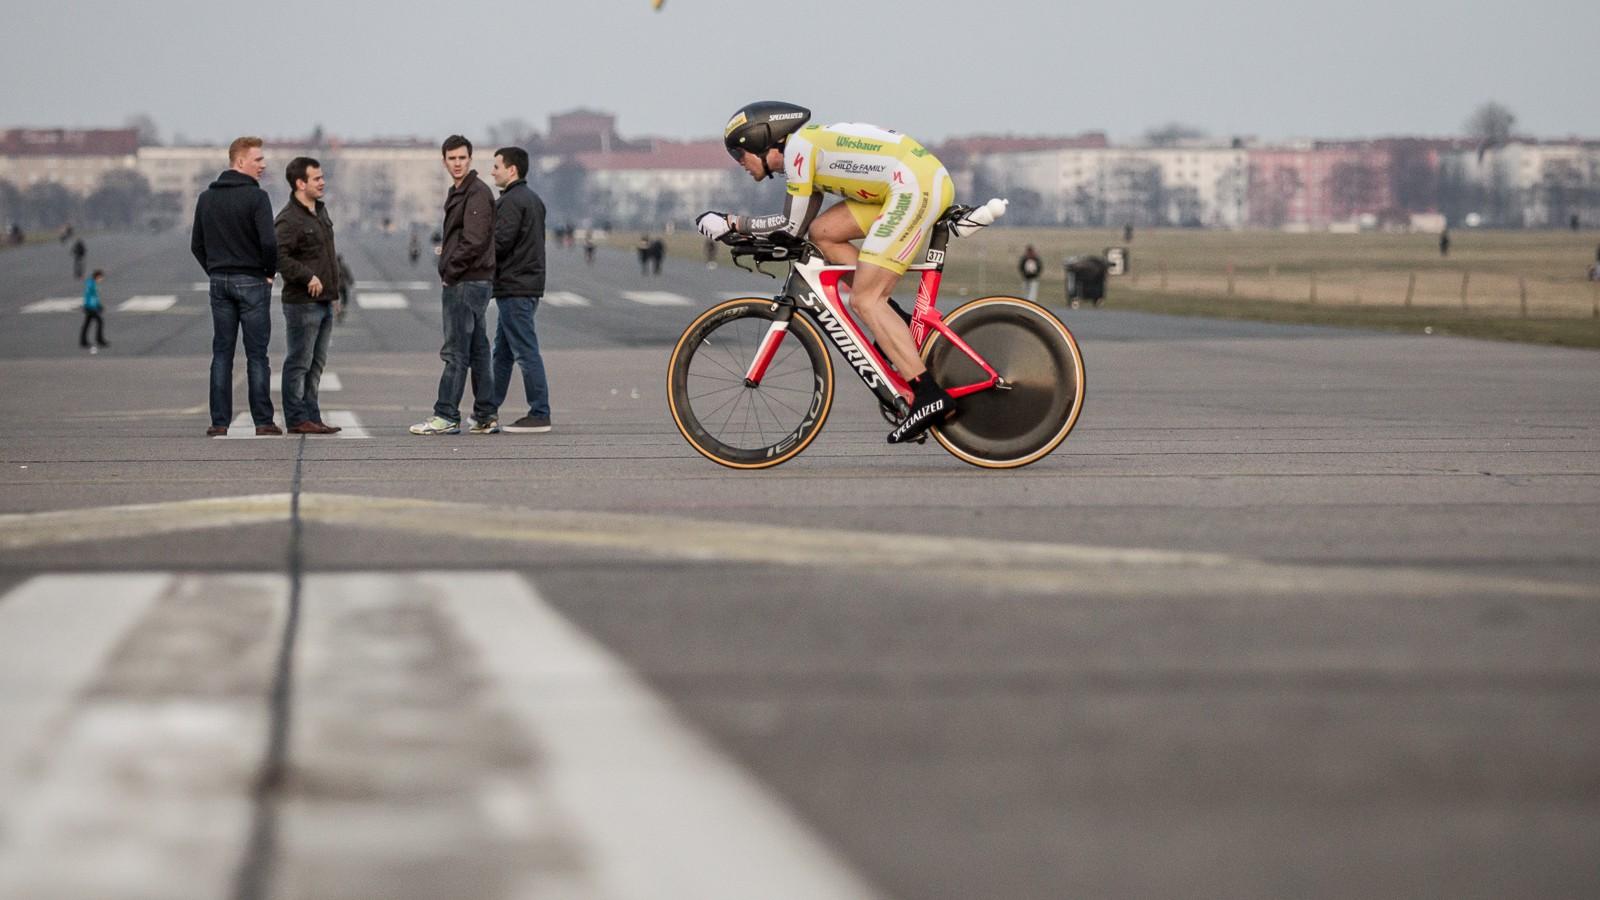 Der Österreicher Christoph Strasser bei seiner 24h-Weltrekordfahrt in Berlin Tempelhof. Auf seinem Specialized Shiv schaffte er 896 Kilometer in 24 Stunden.